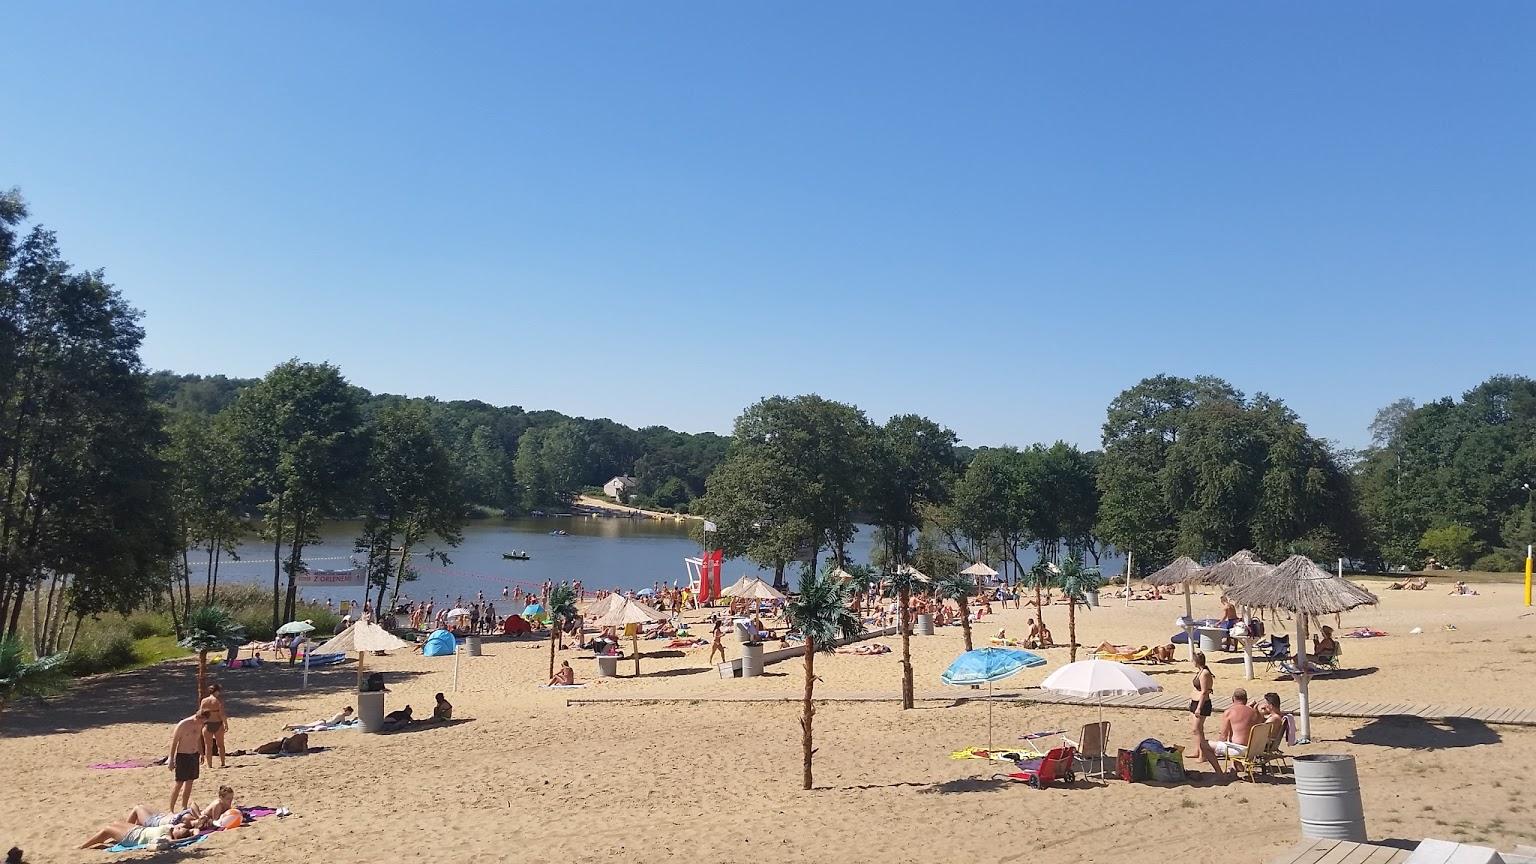 Góra Plaża Patelnia w Grabinie nad Jeziorem Górskim - plaża na plazujemy.pl MU94